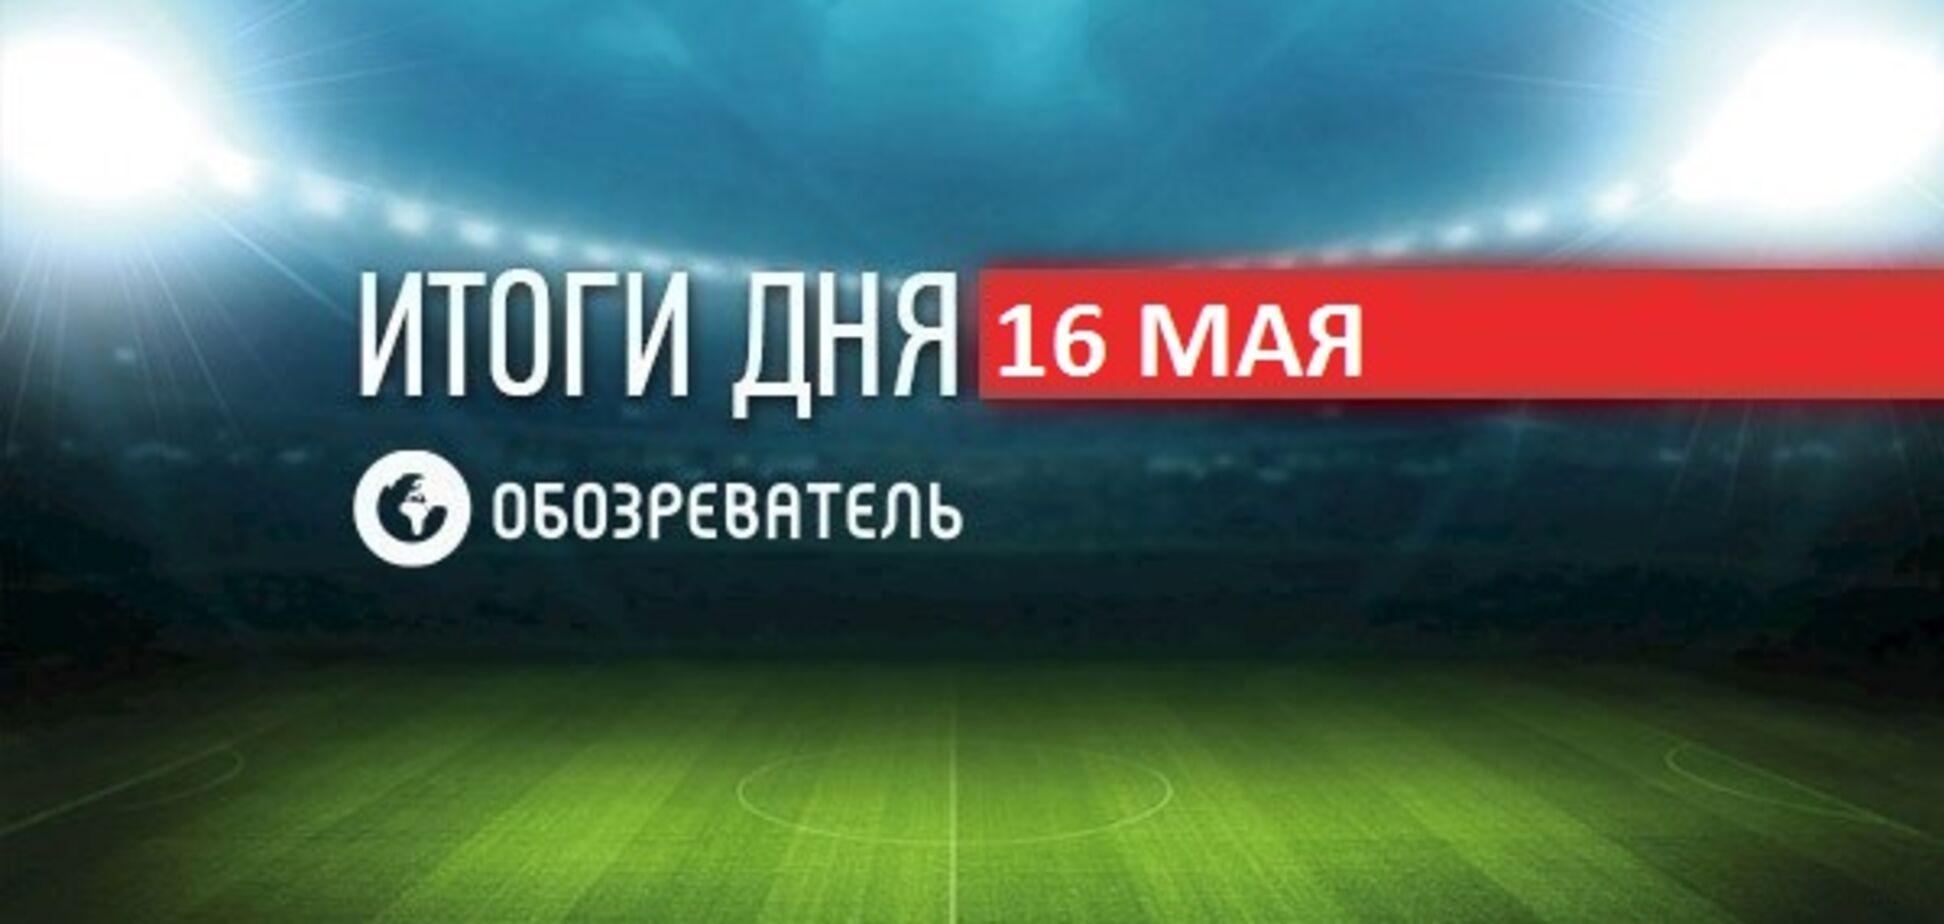 ЗМІ назвали дату бою Усик - Гассієв: спортивні підсумки 16 травня